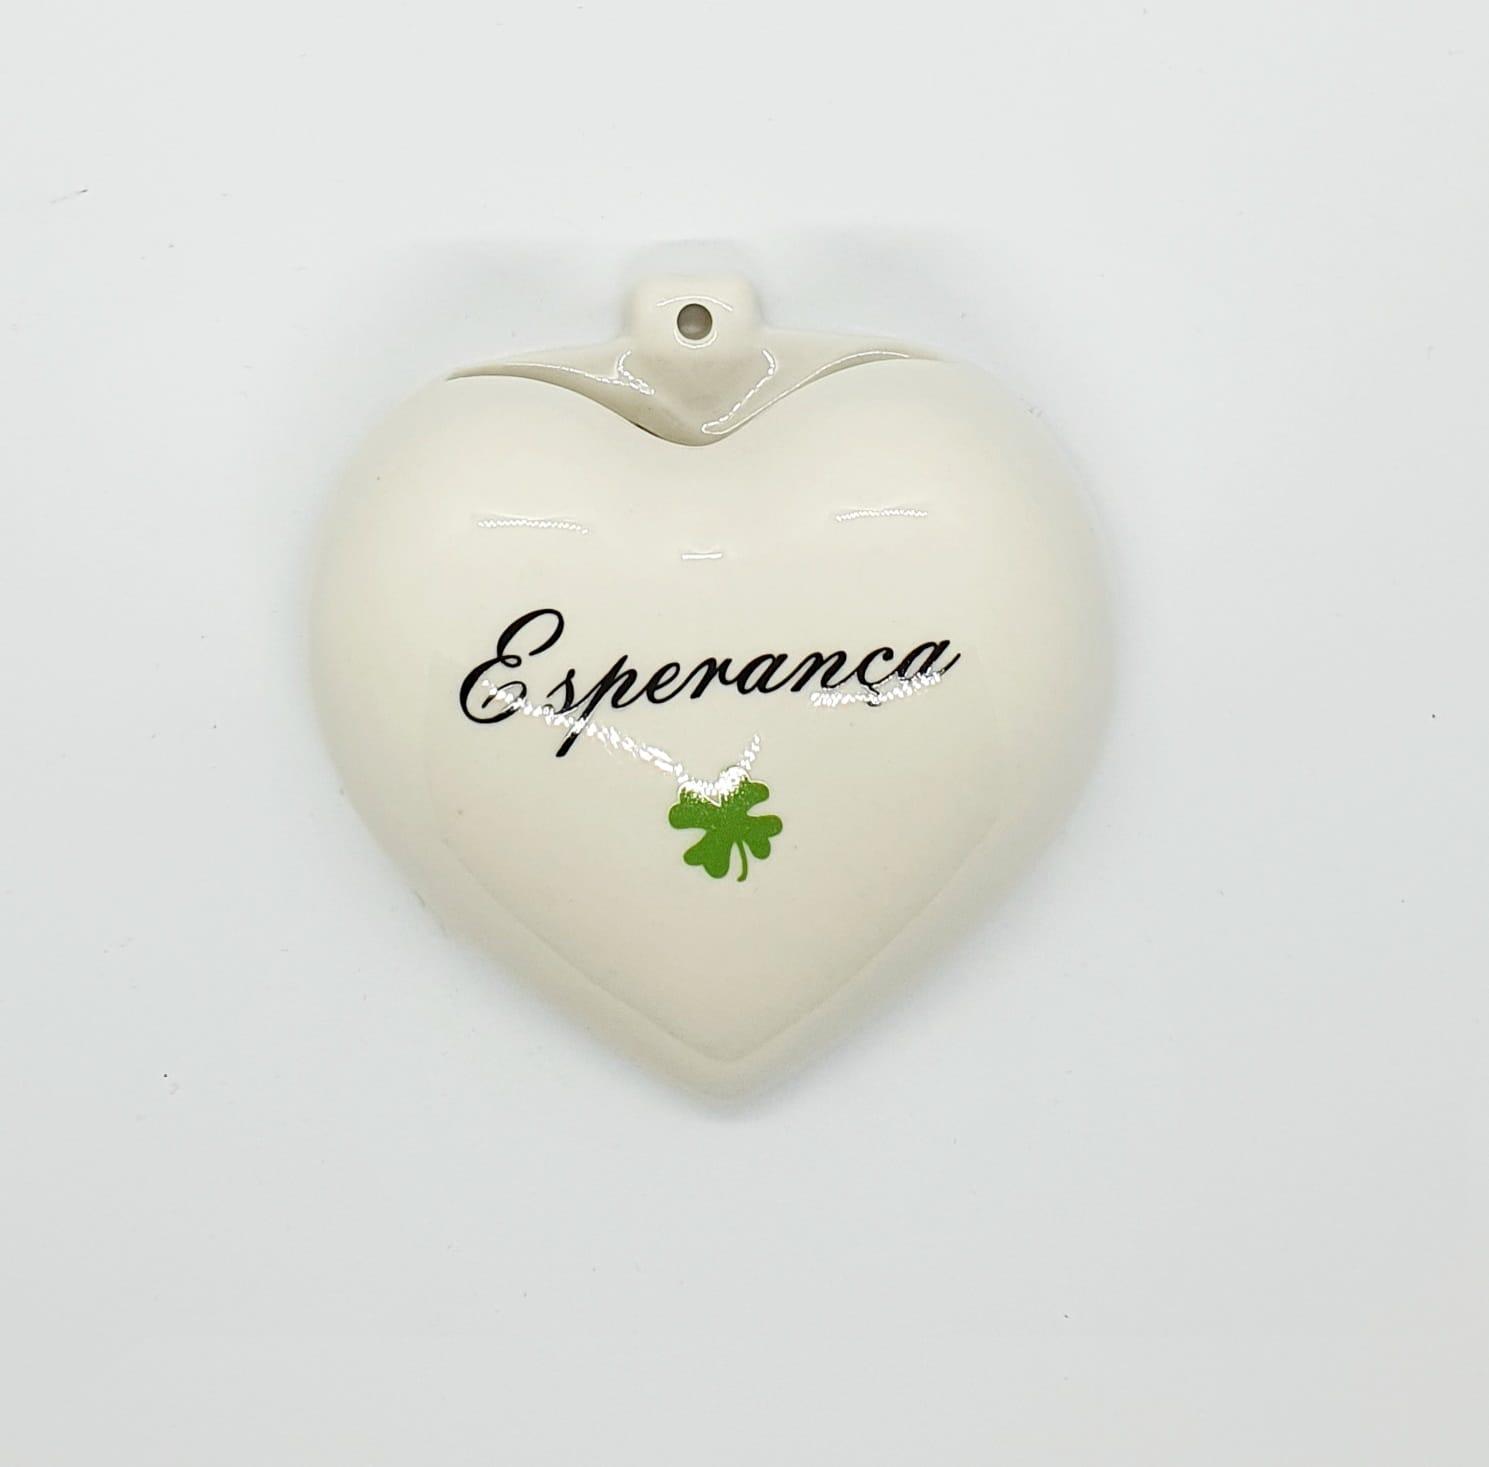 Cachepô de parede coração em porcelana - Esperança.